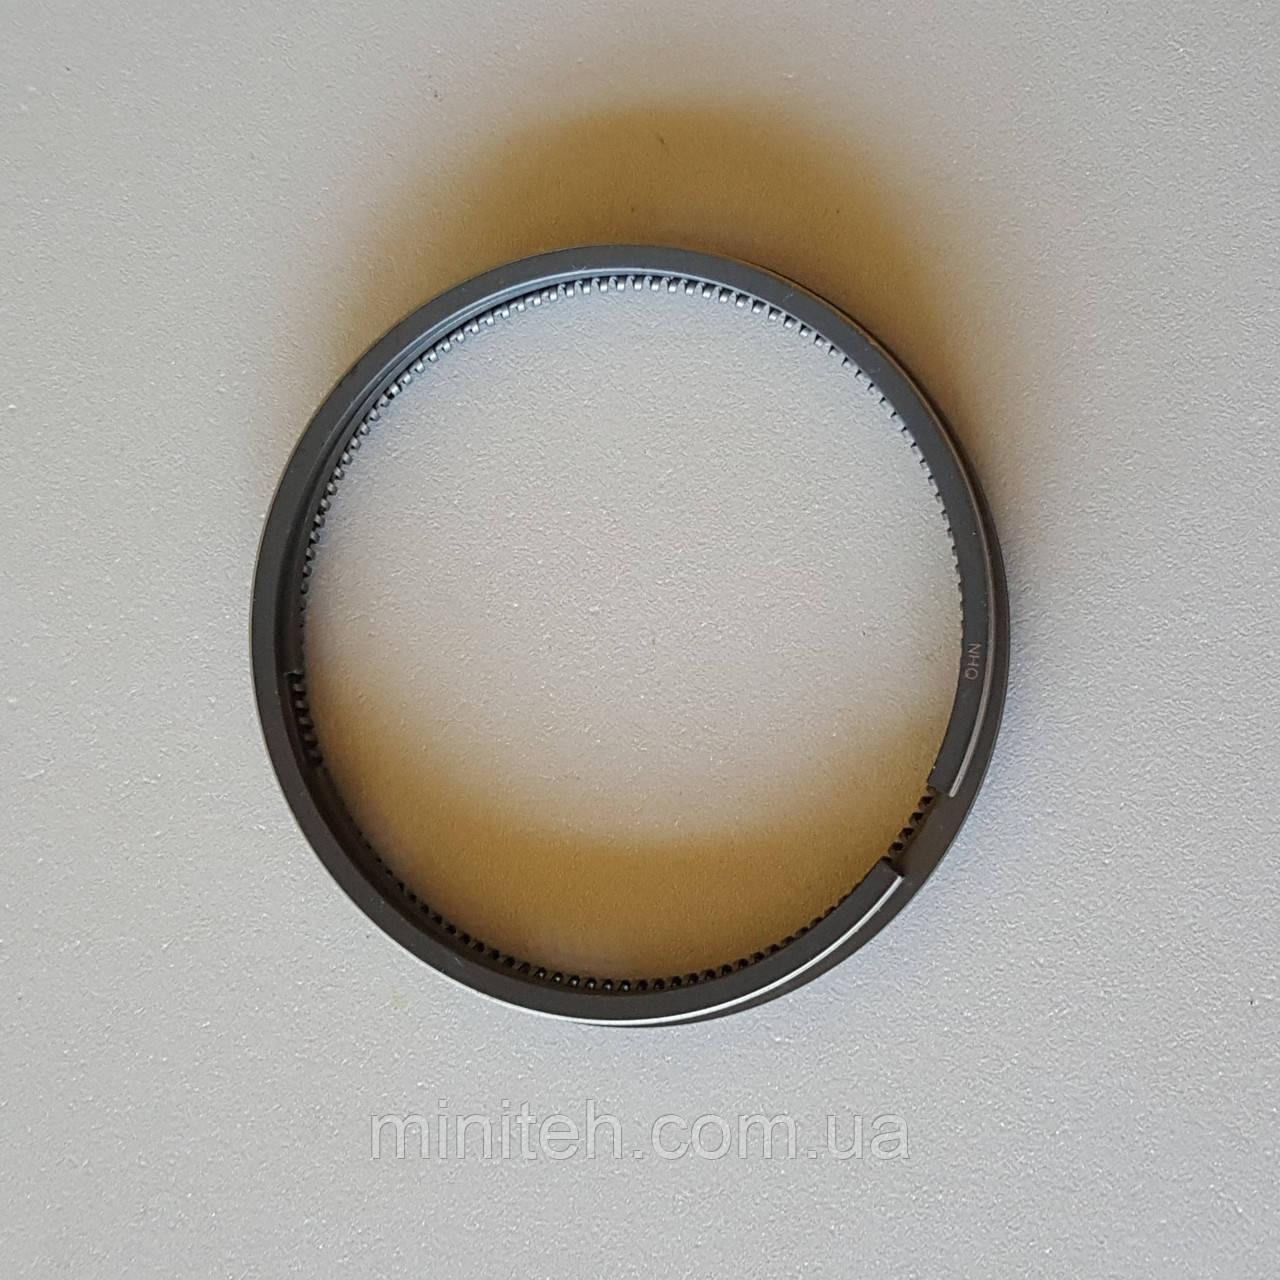 Кольца поршневые КМ 385ВТ (1 поршень)